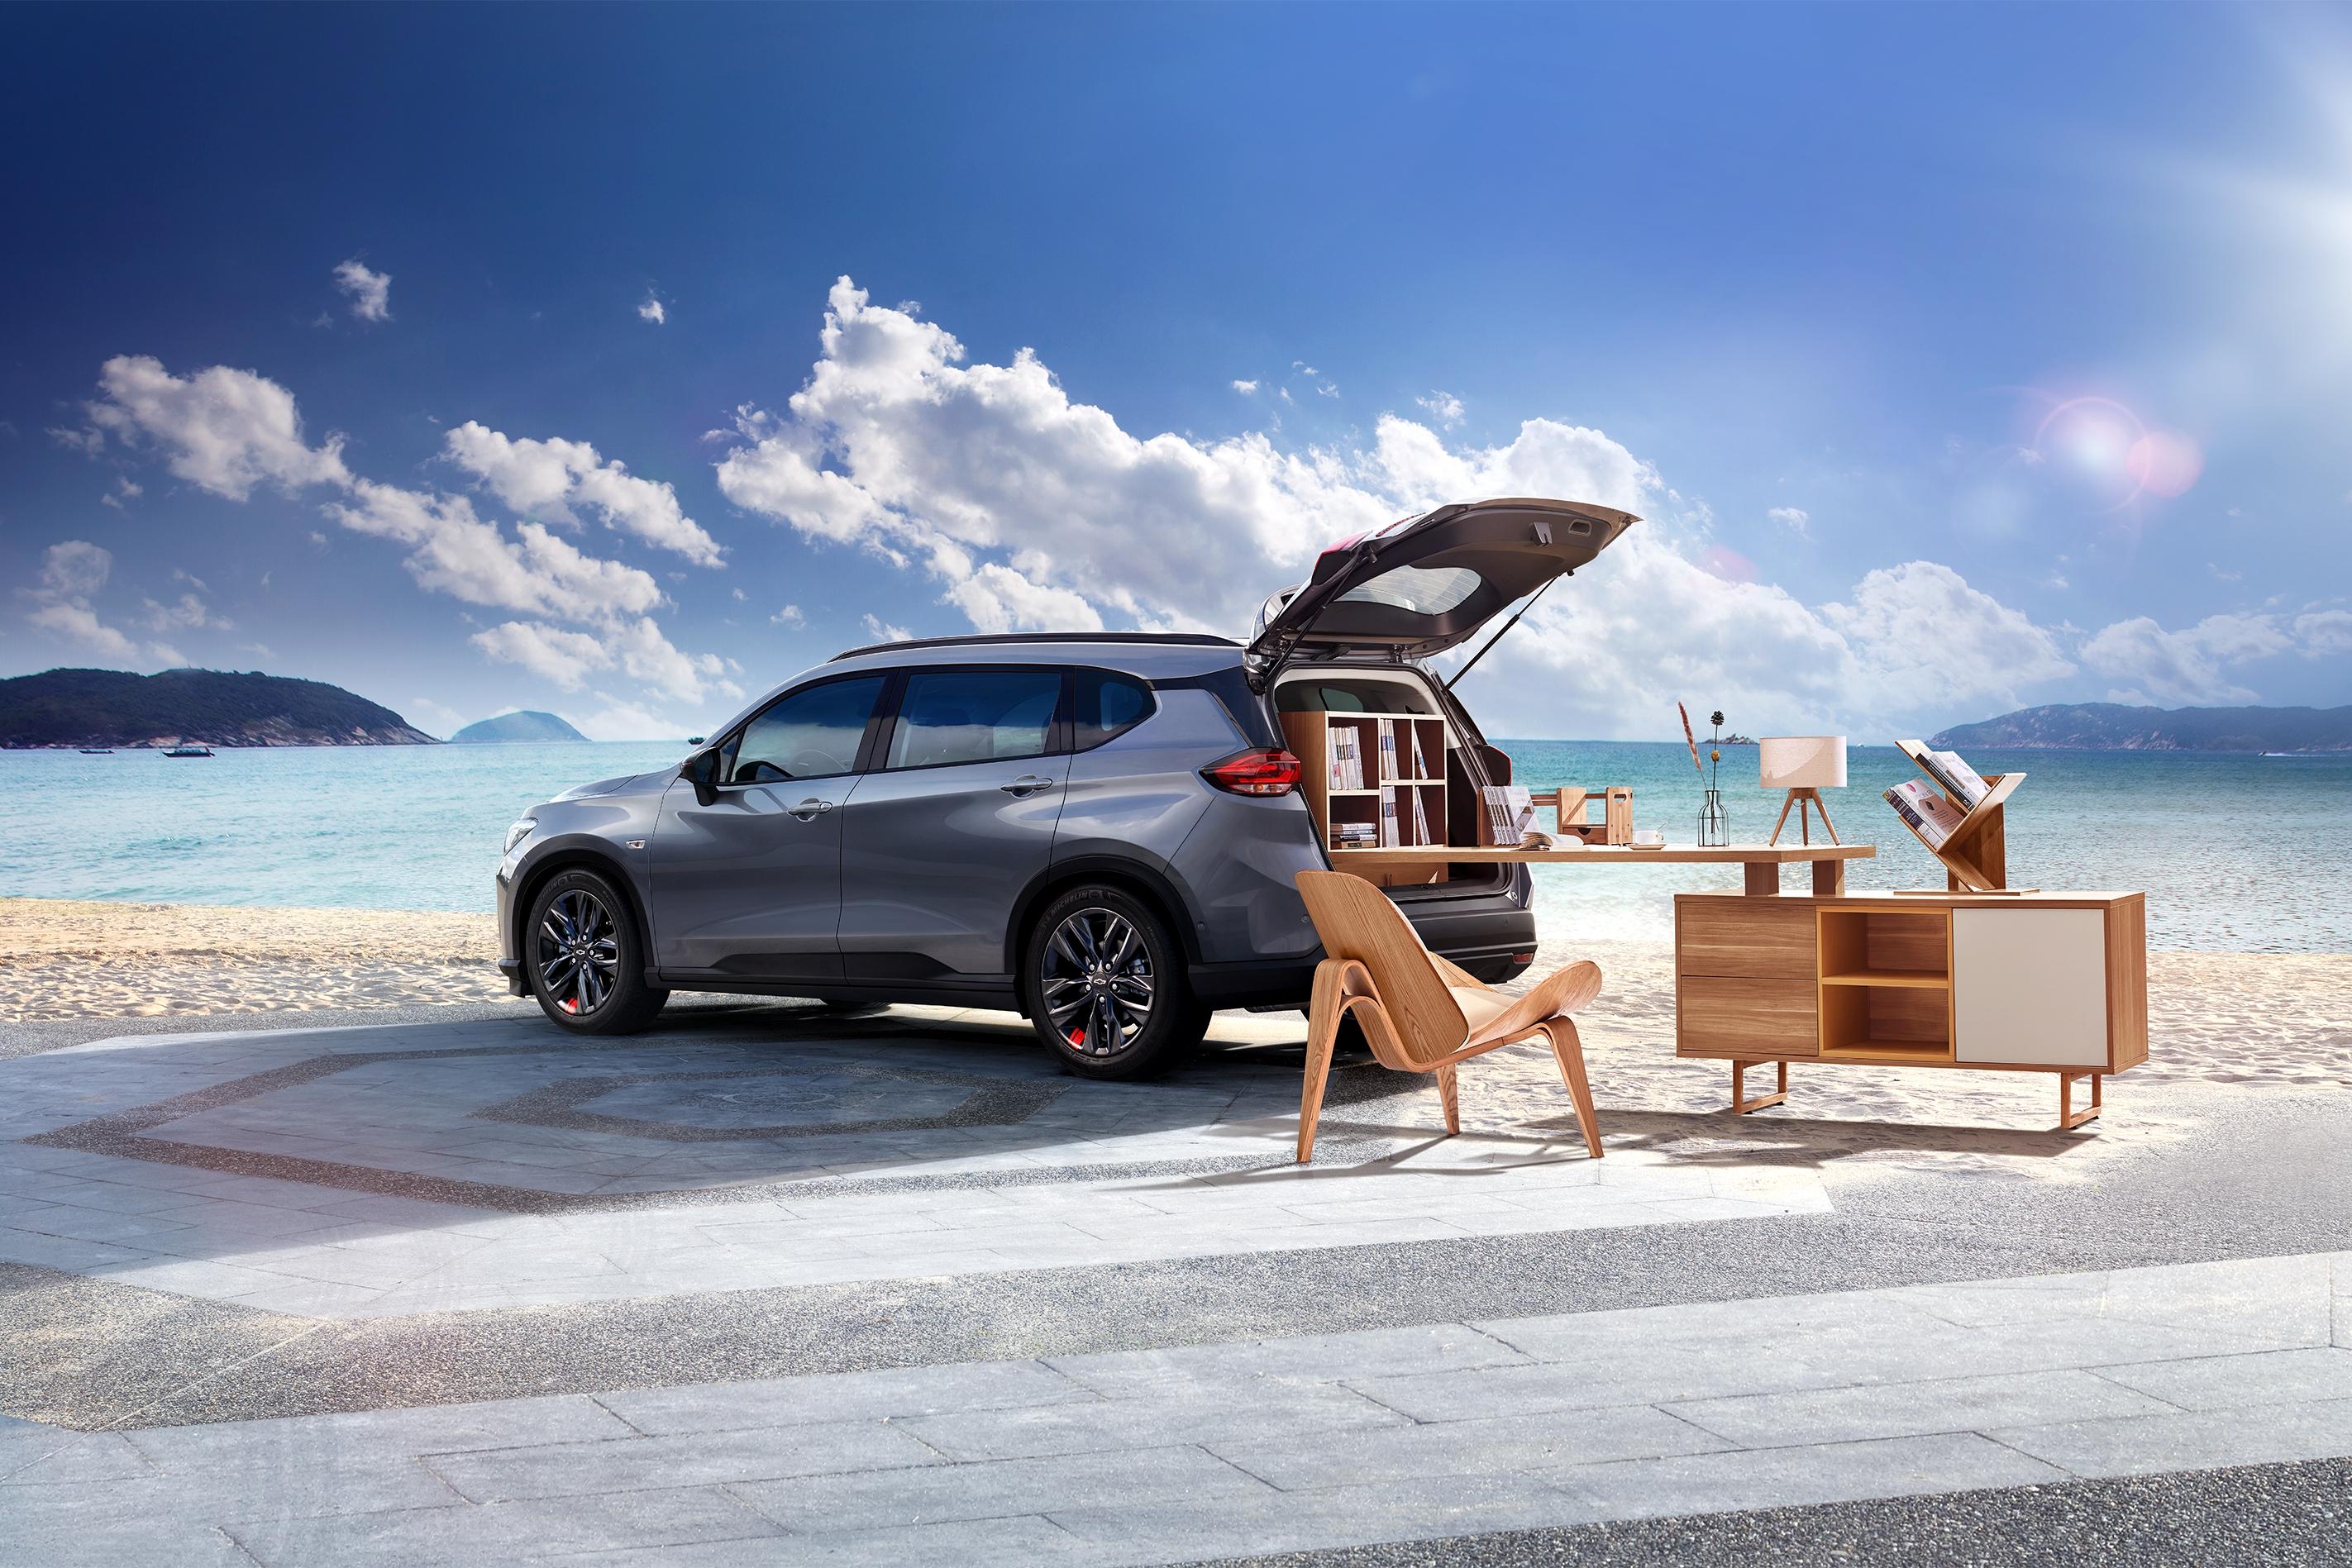 雪佛兰沃兰多新增5座版车型 更强装载能力/11.49万元起售图片